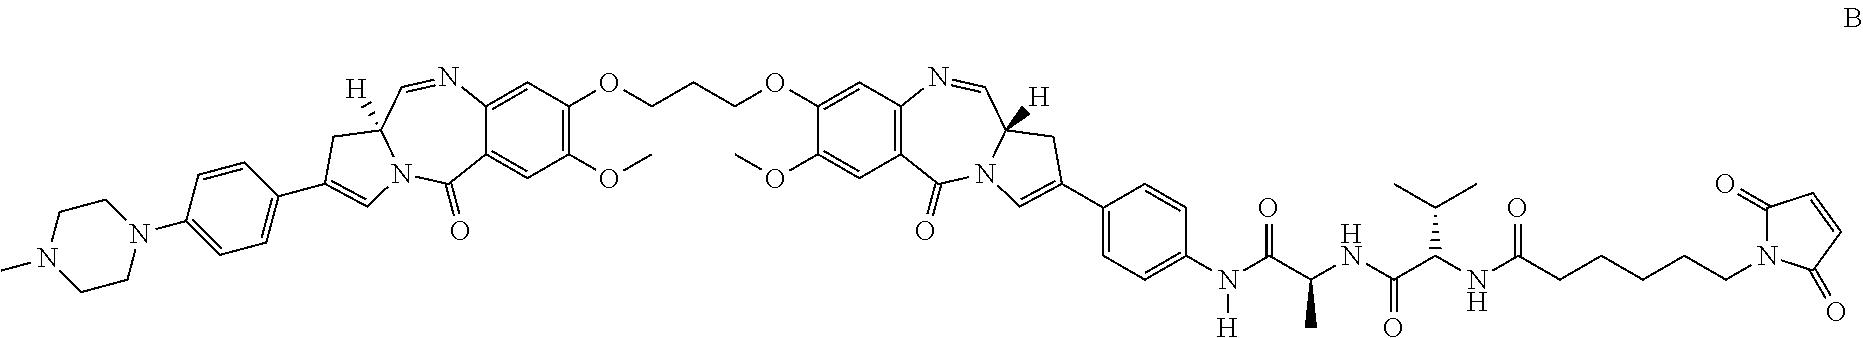 Figure US09919056-20180320-C00027